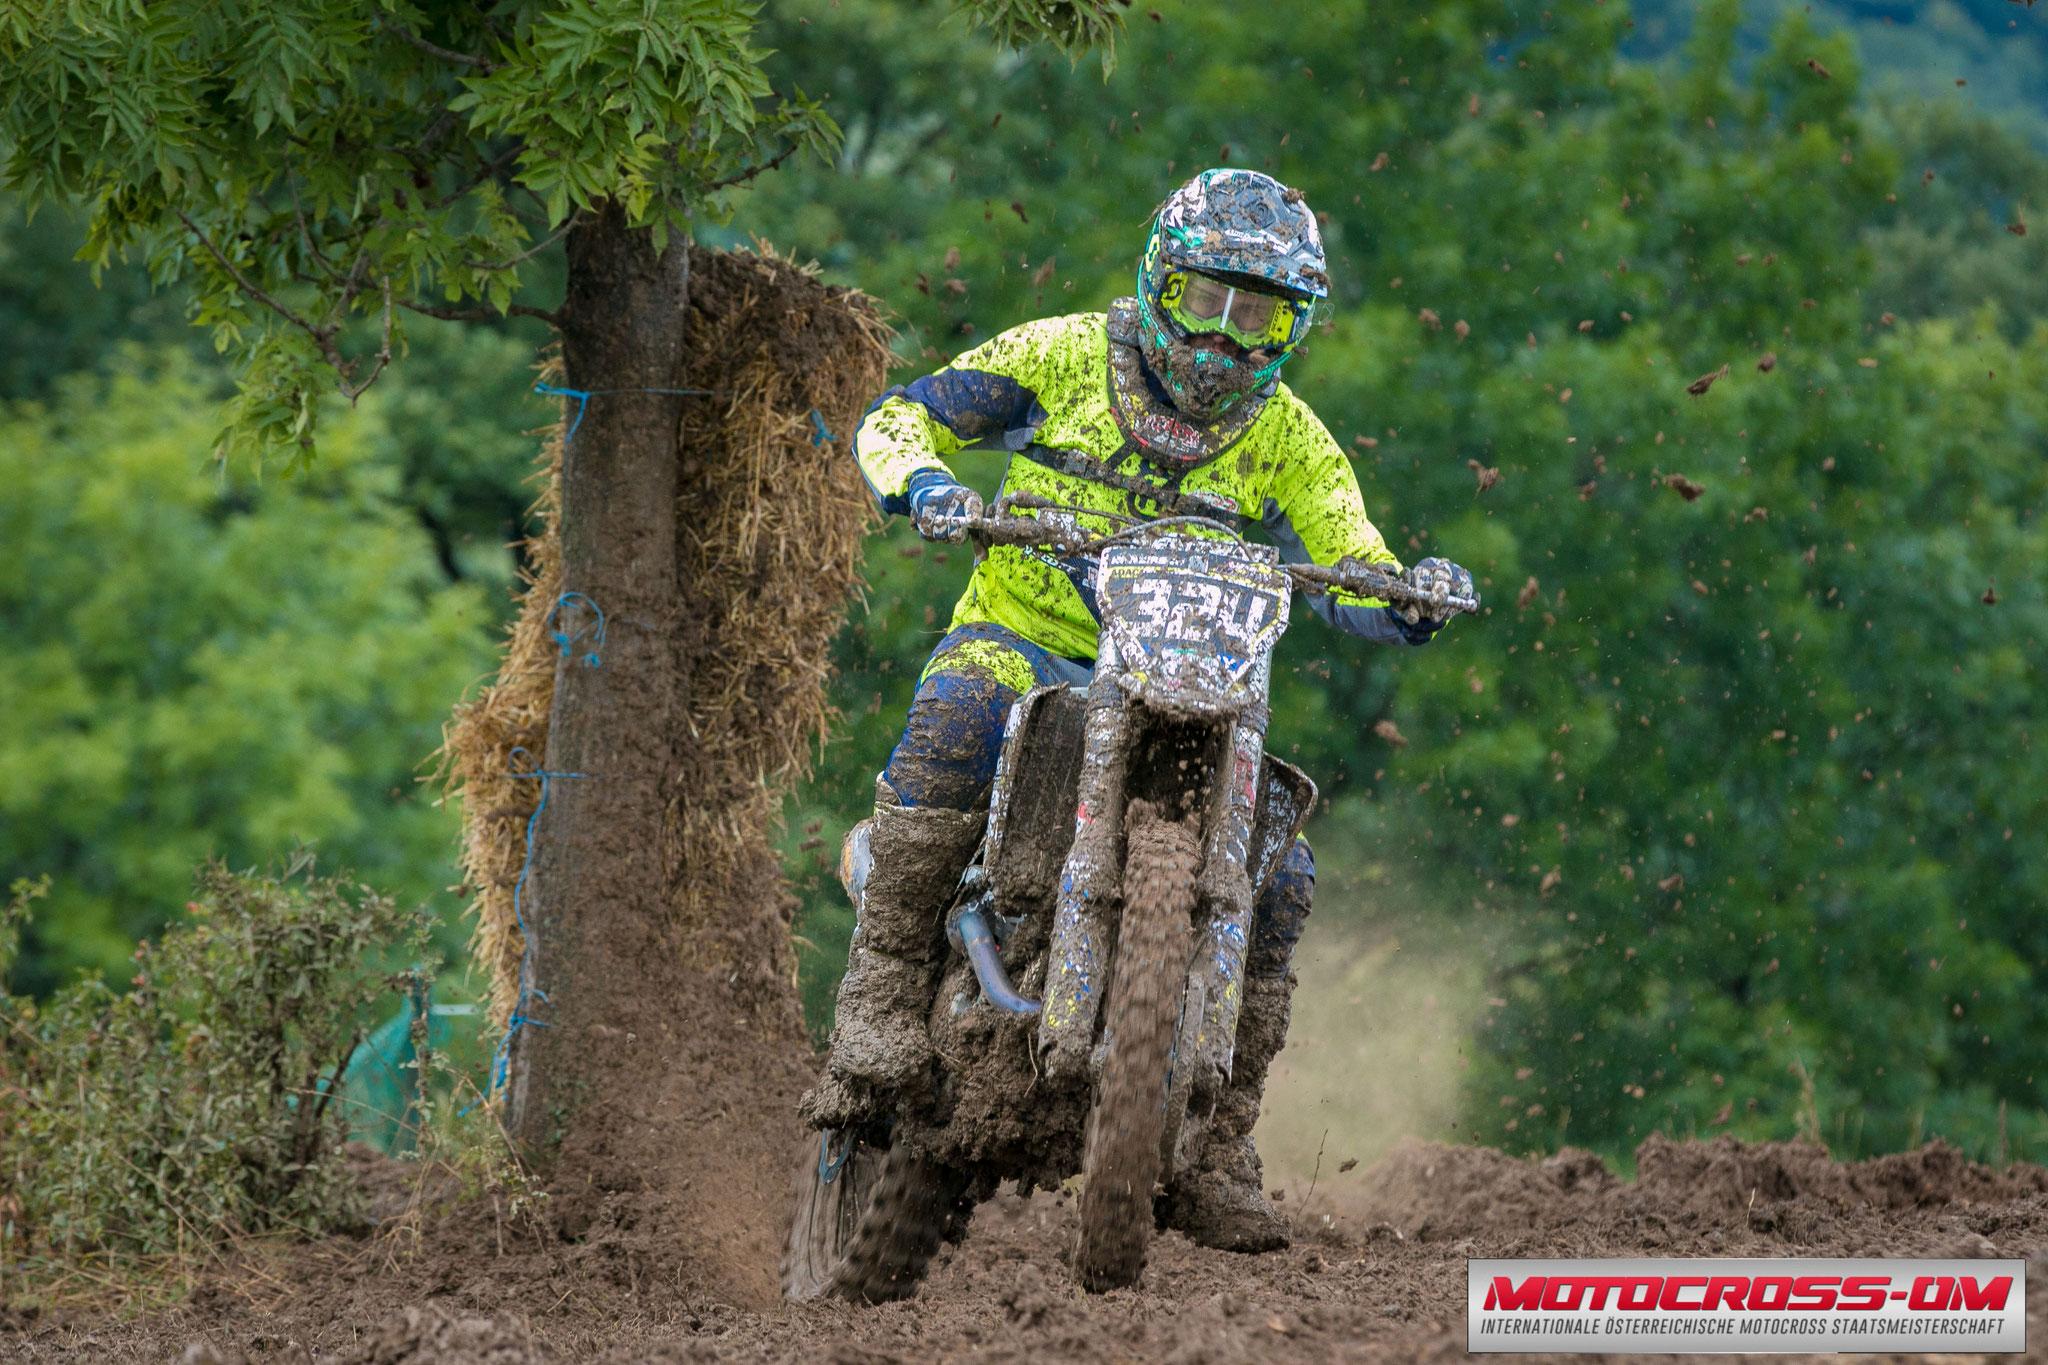 Foto: motocross öm / Leabe